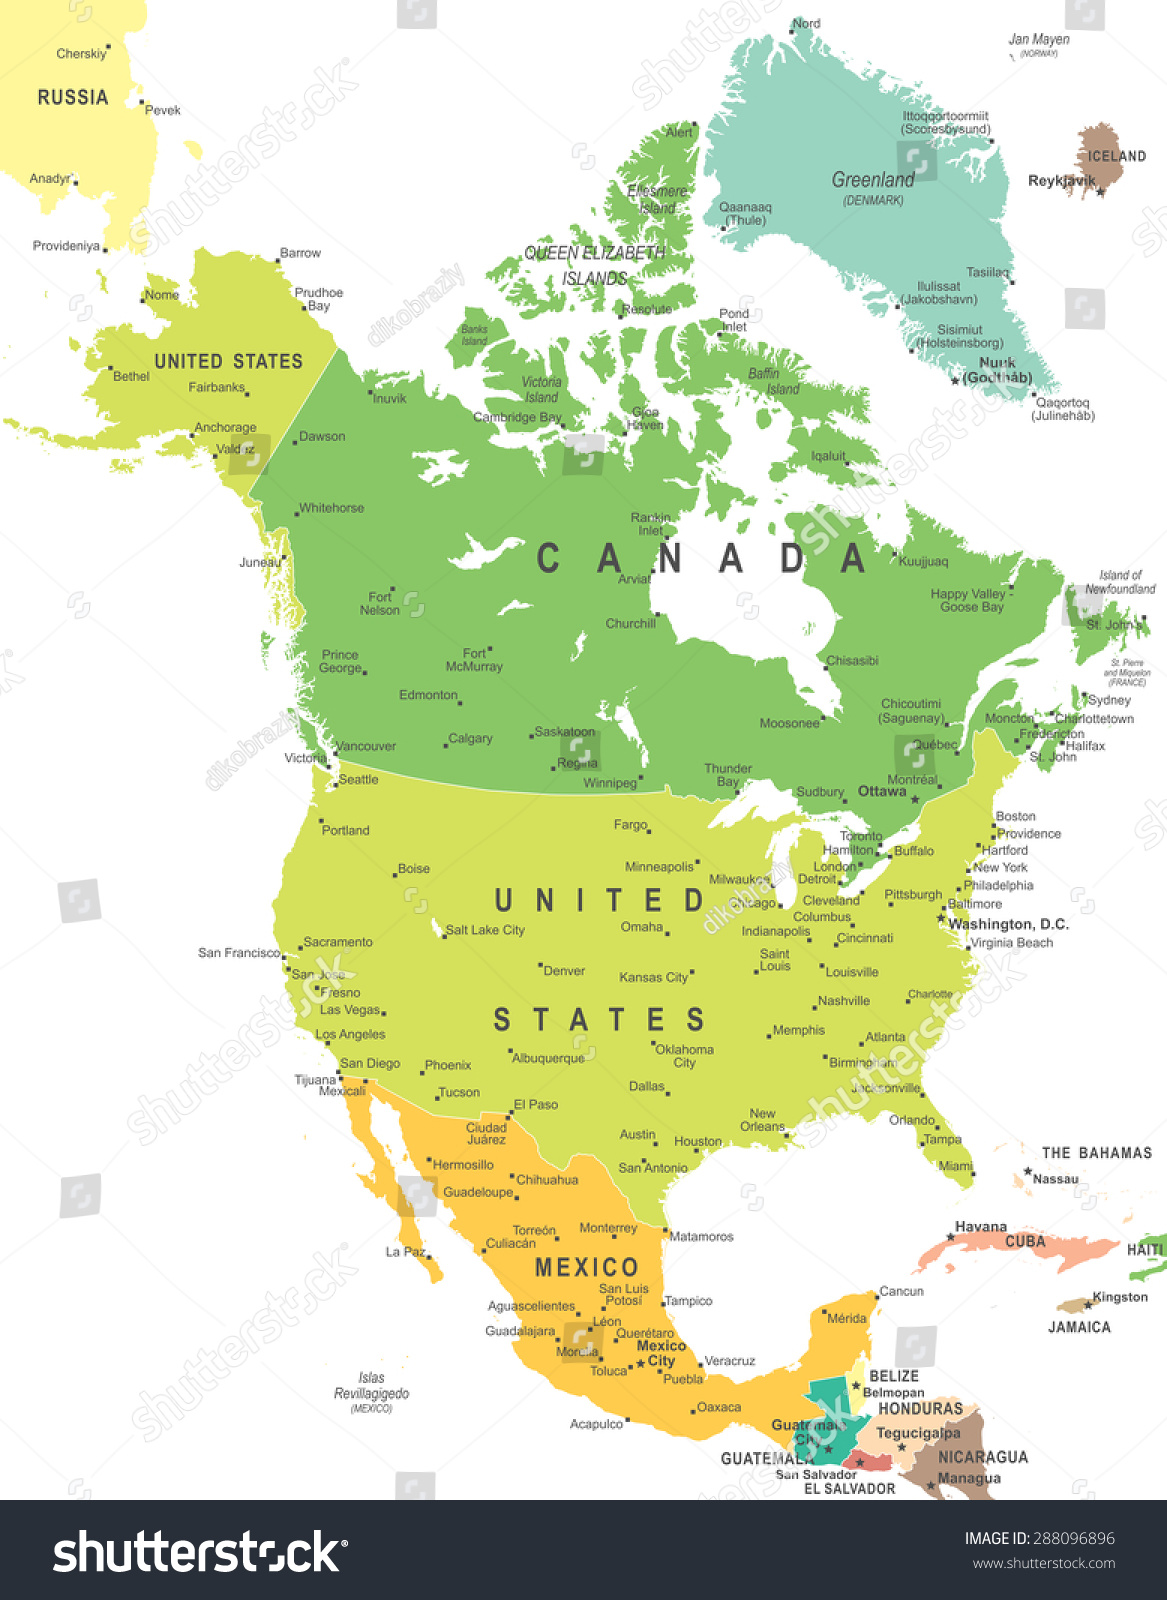 north america map illustration のベクター画像素材 ロイヤリティ